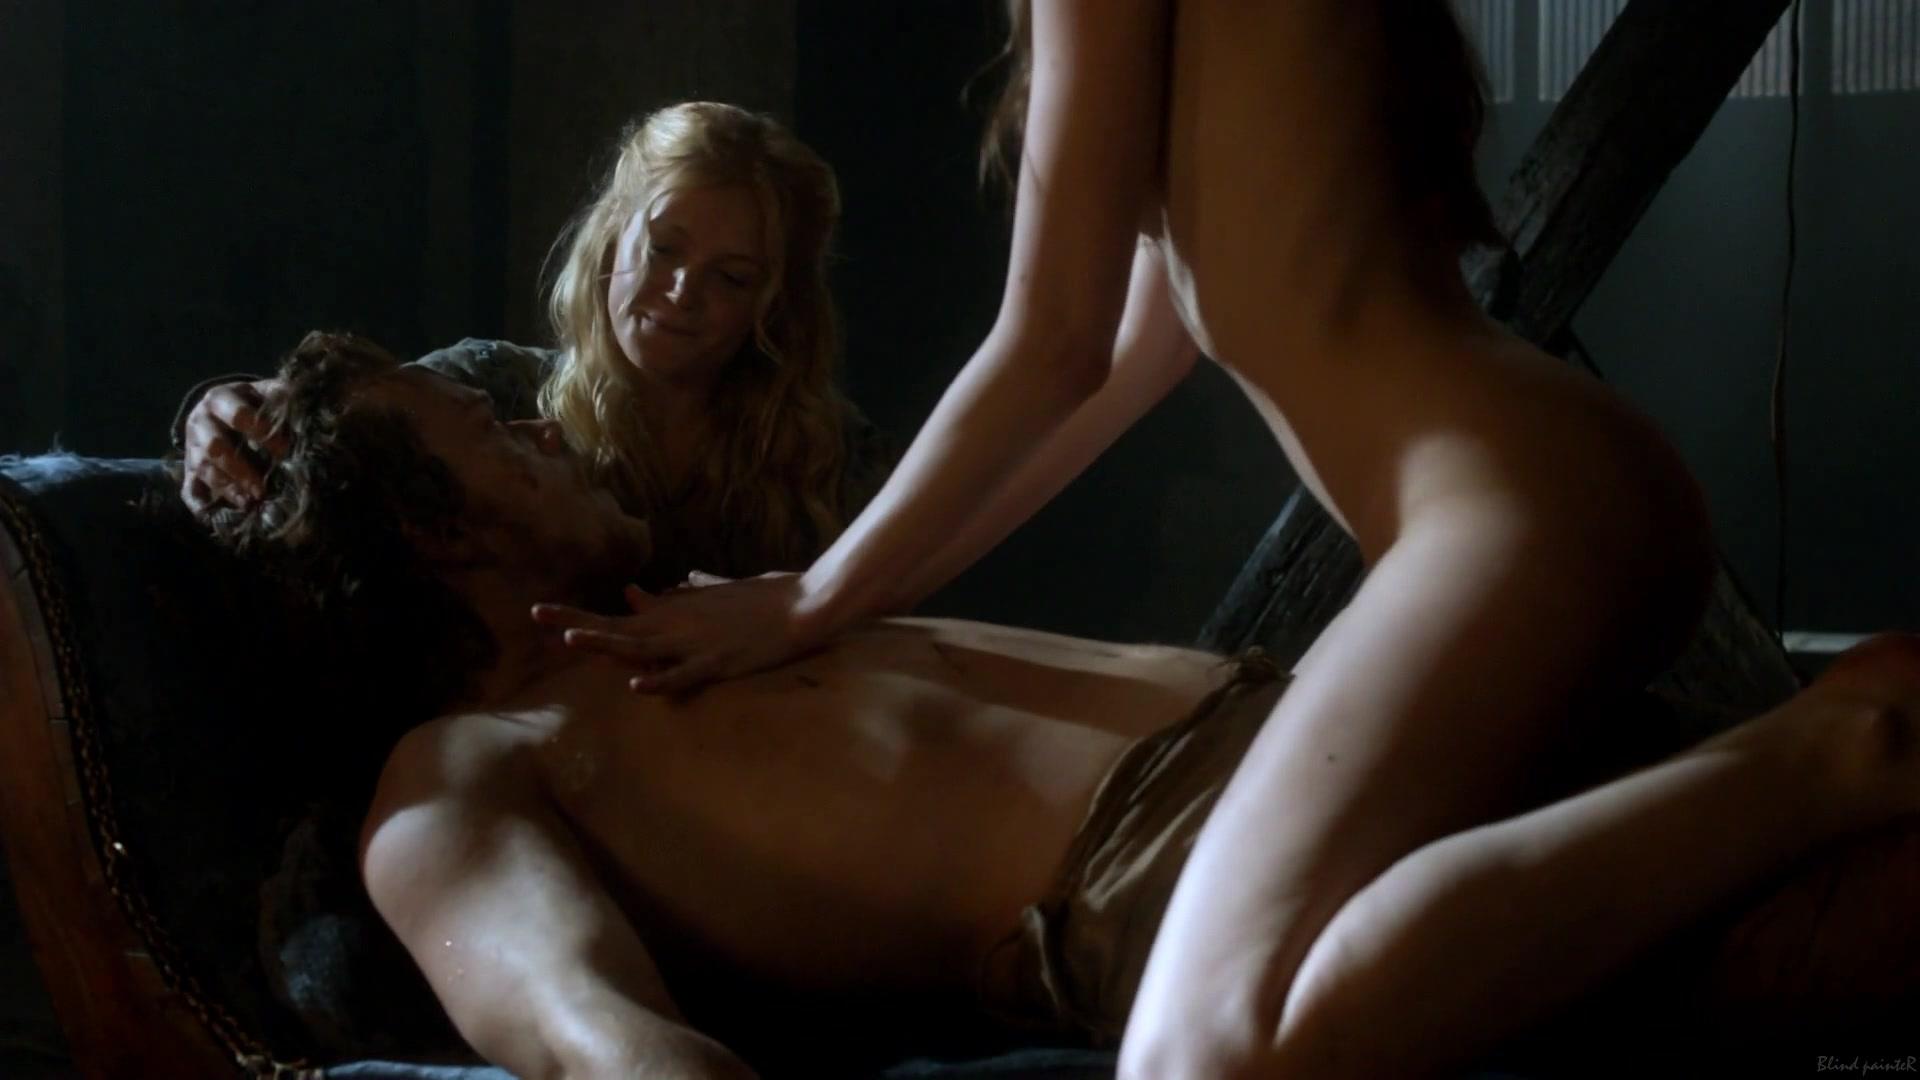 Brazilian female sex stars nude